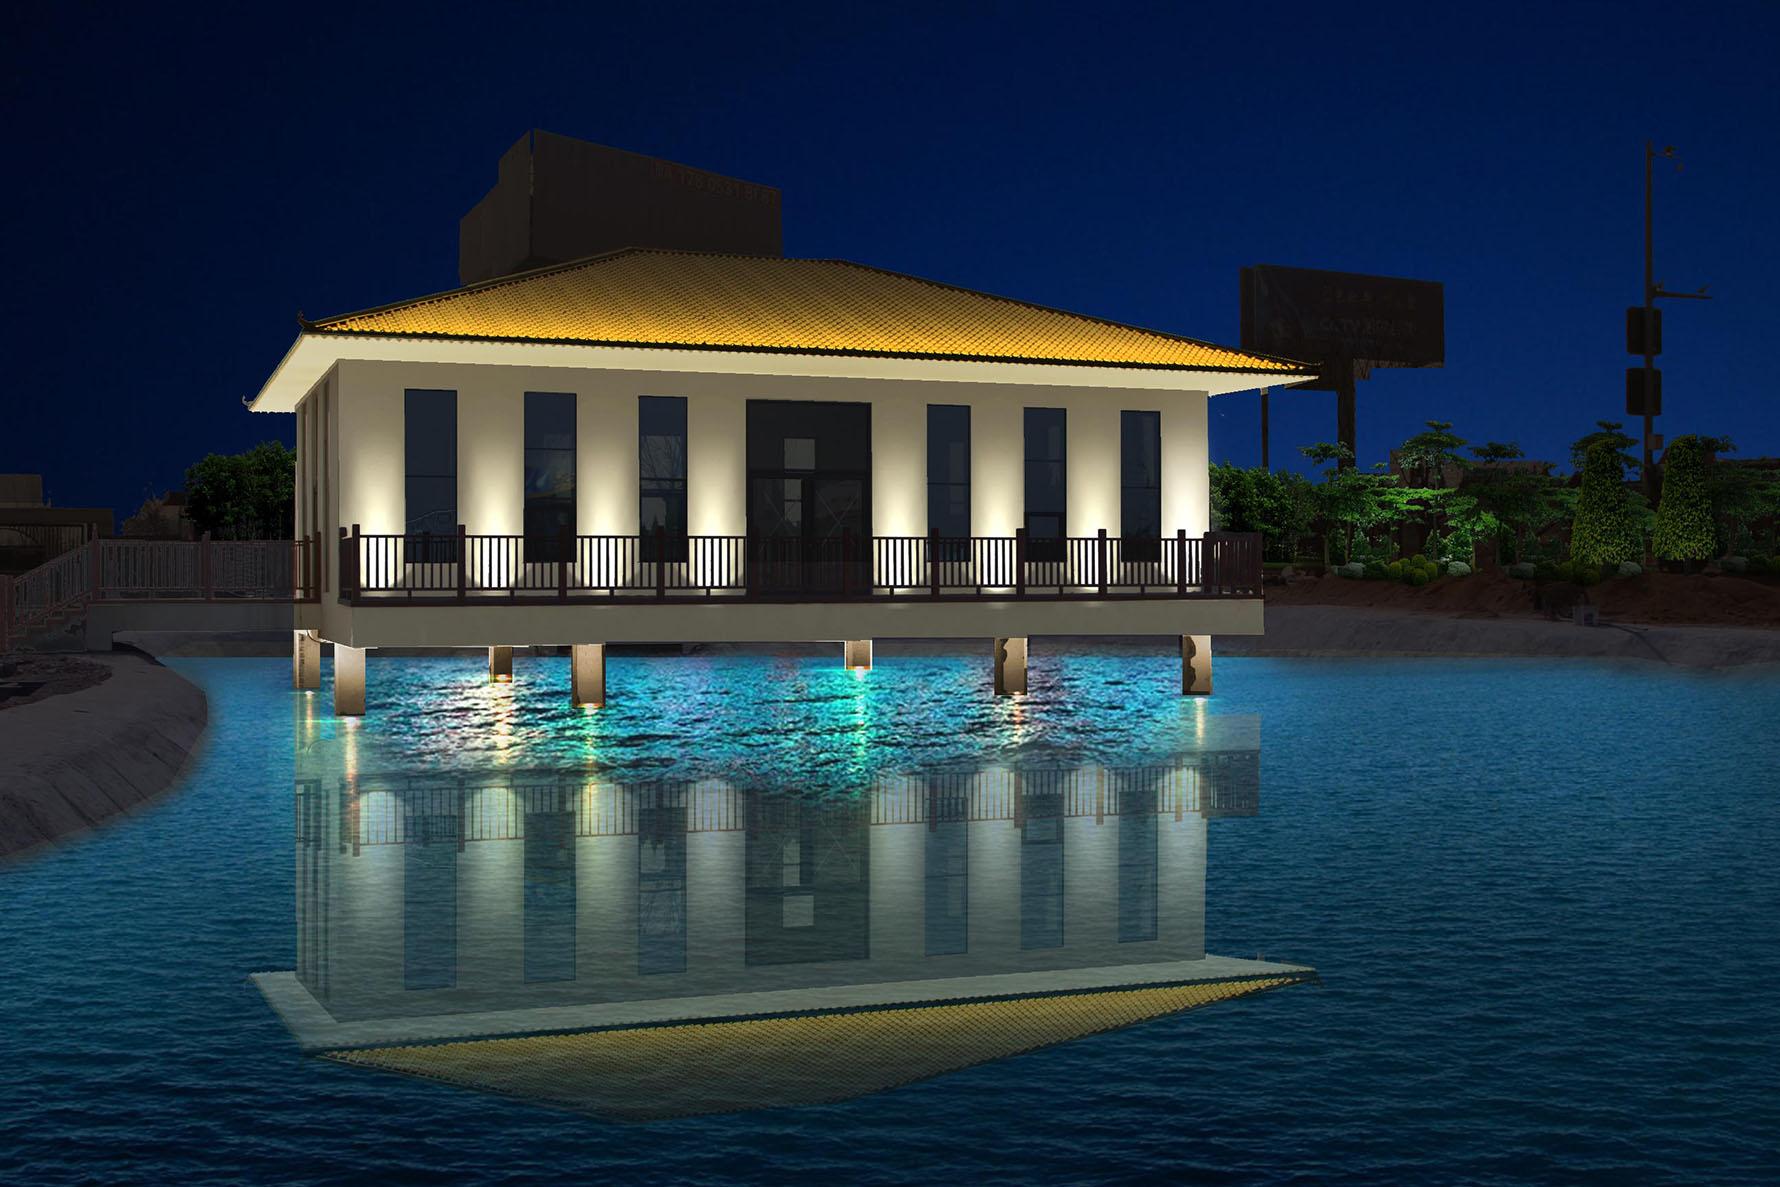 泰安市宁阳中京小镇度假村灯光设计